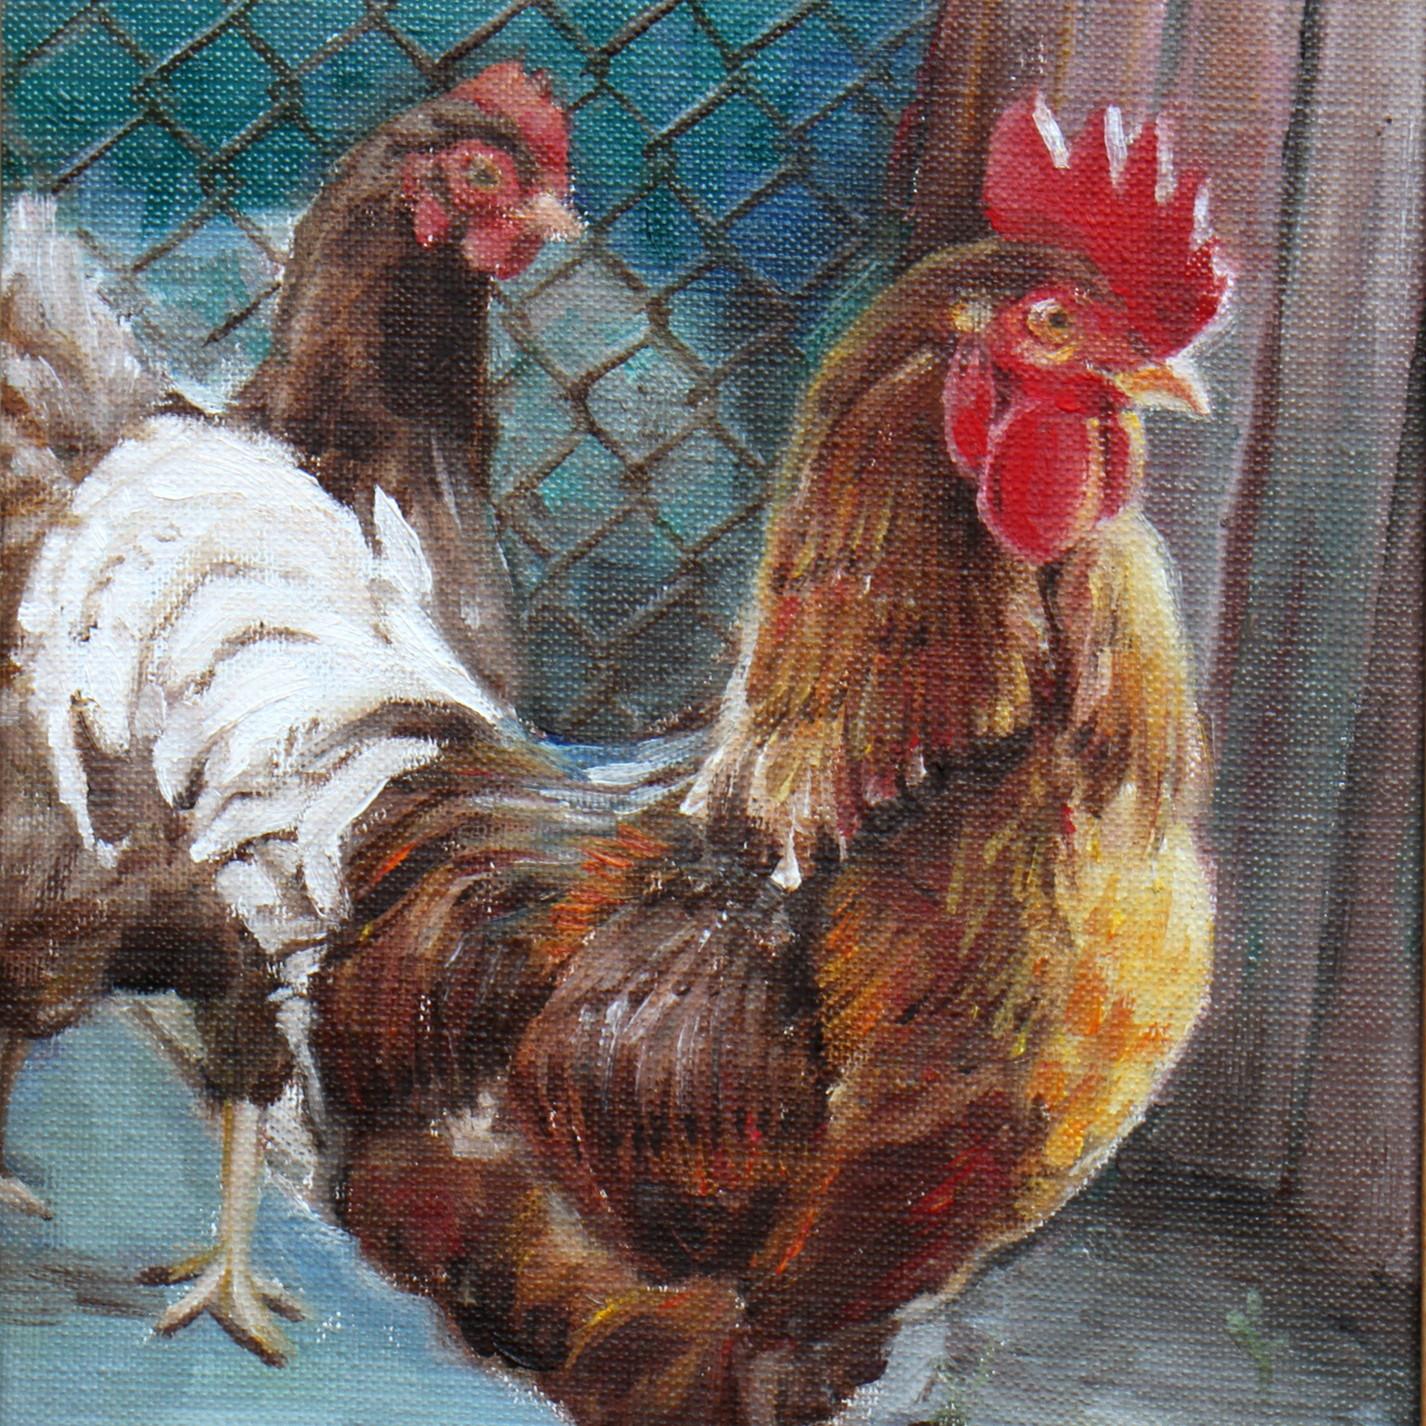 絵画 インテリア アートパネル 雑貨 壁掛け 置物 おしゃれ 油絵 水彩画 鉛筆画 鶏 動物 ロココロ 画家 : Uliana ( ウリャーナ ) 作品 : u-19